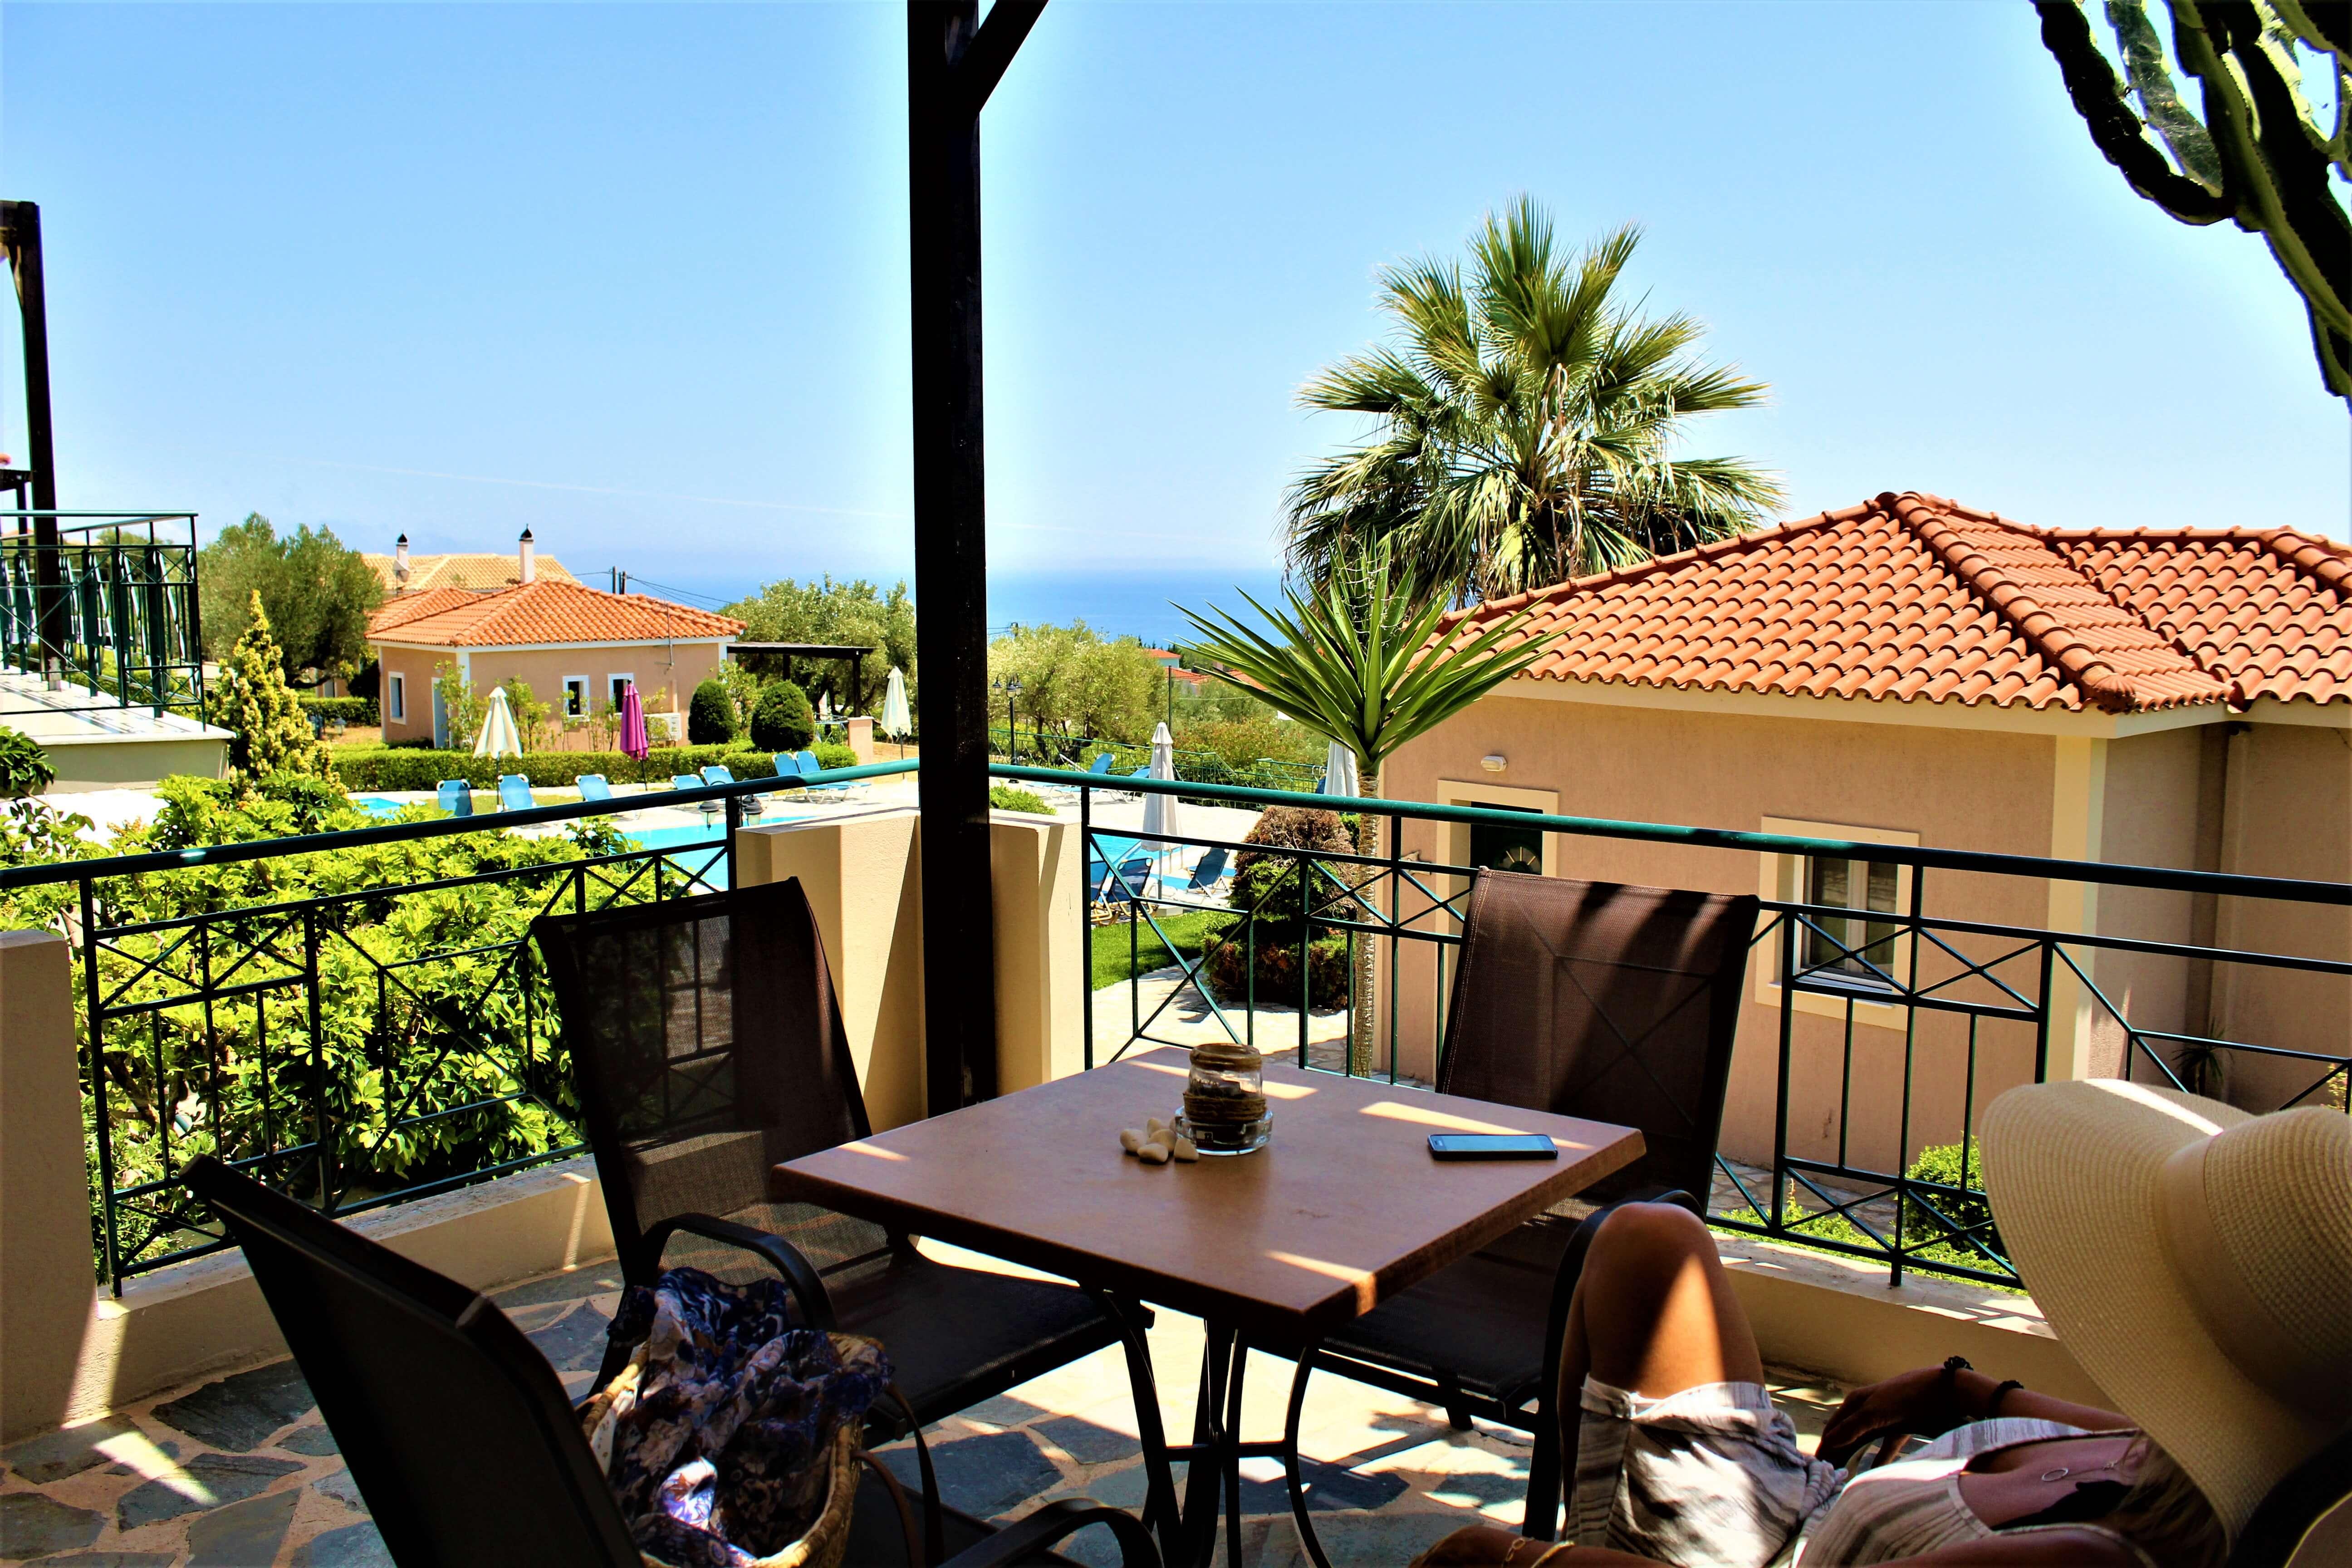 Oneira Villas Kefalonia Balcony